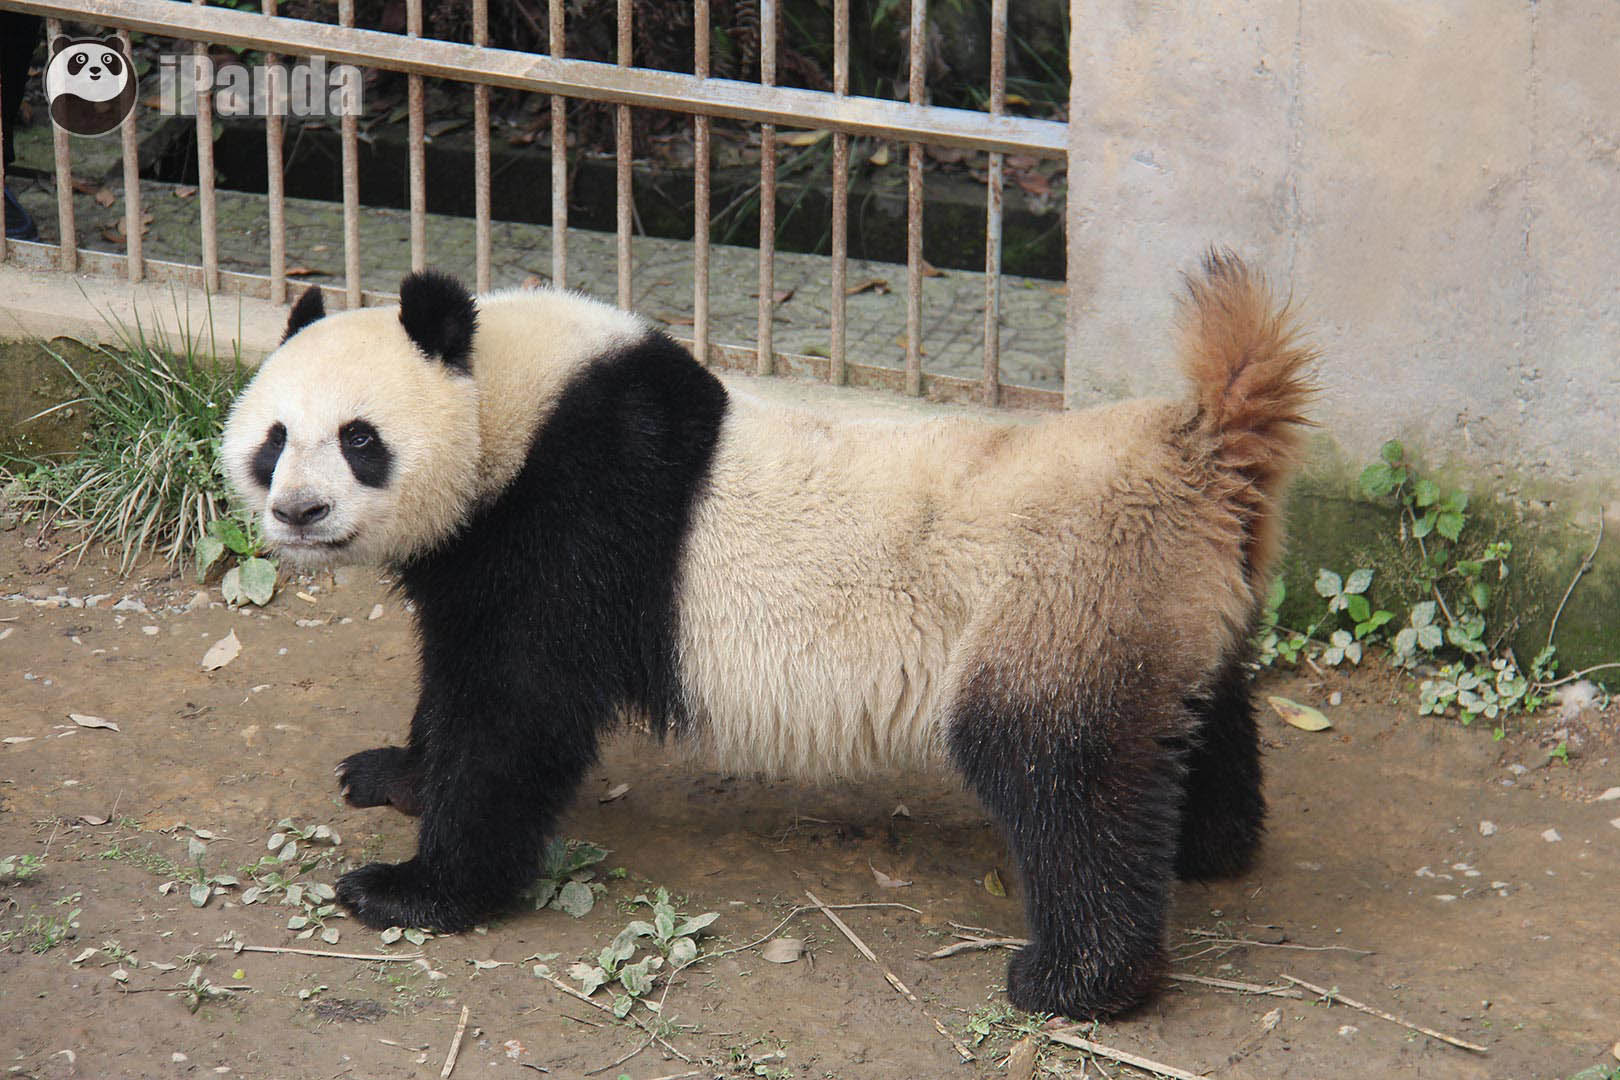 """雌性大熊猫""""林冰""""举尾表示出交配意愿 每年的3至5月是大熊猫的交配季,也是大熊猫繁育工作的重要时间段,在此次播出之后,近日熊猫频道还将播出其他大熊猫的交配实况(节目地址:http://live.ipanda.com/event/jiaopei2015/),进一步向网友揭开神秘大熊猫交配繁殖的奥秘。"""